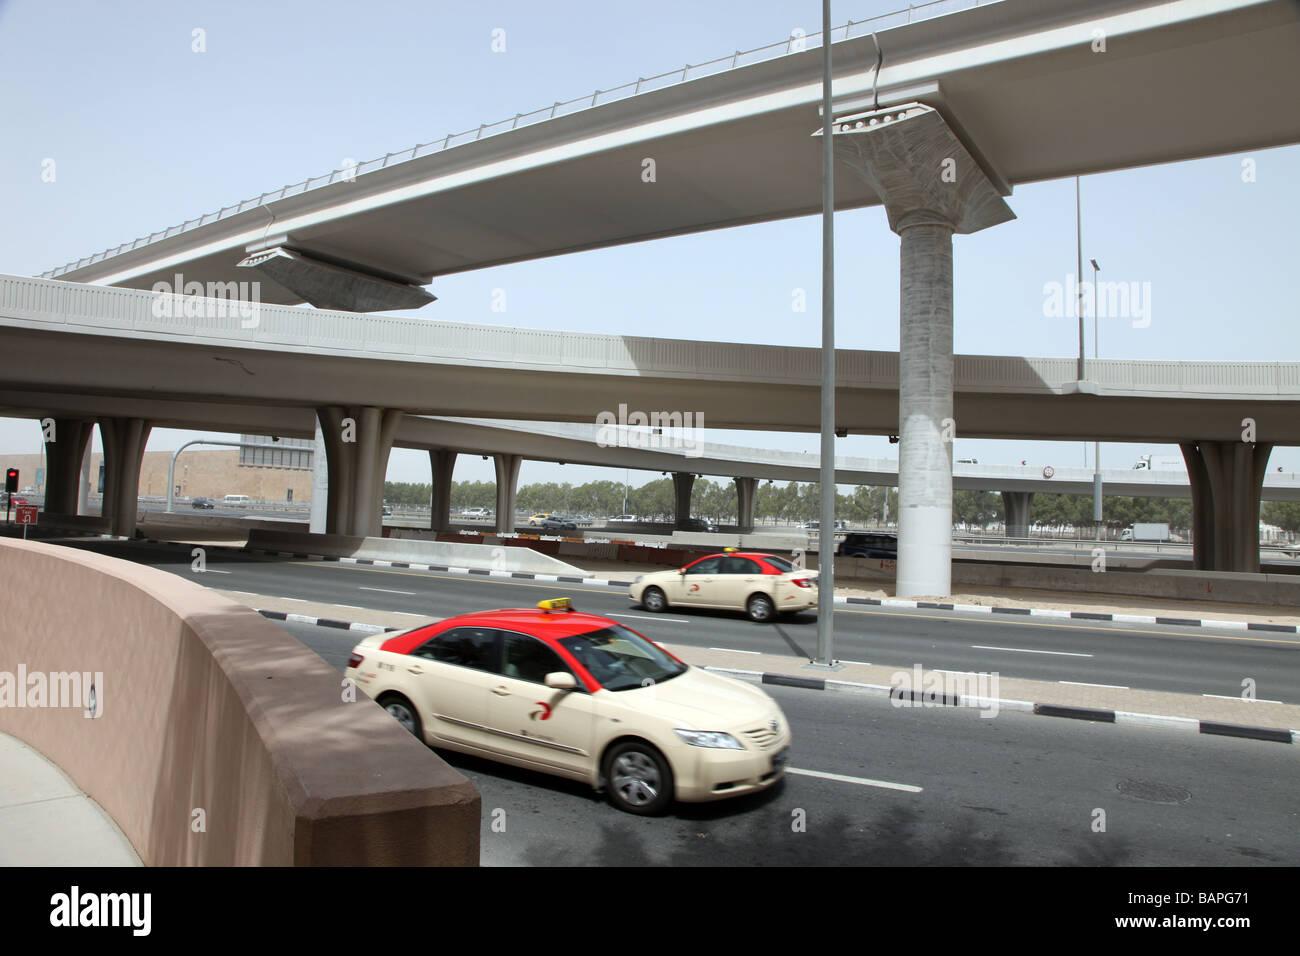 Strade del centro di Dubai Emirati Arabi Uniti Immagini Stock